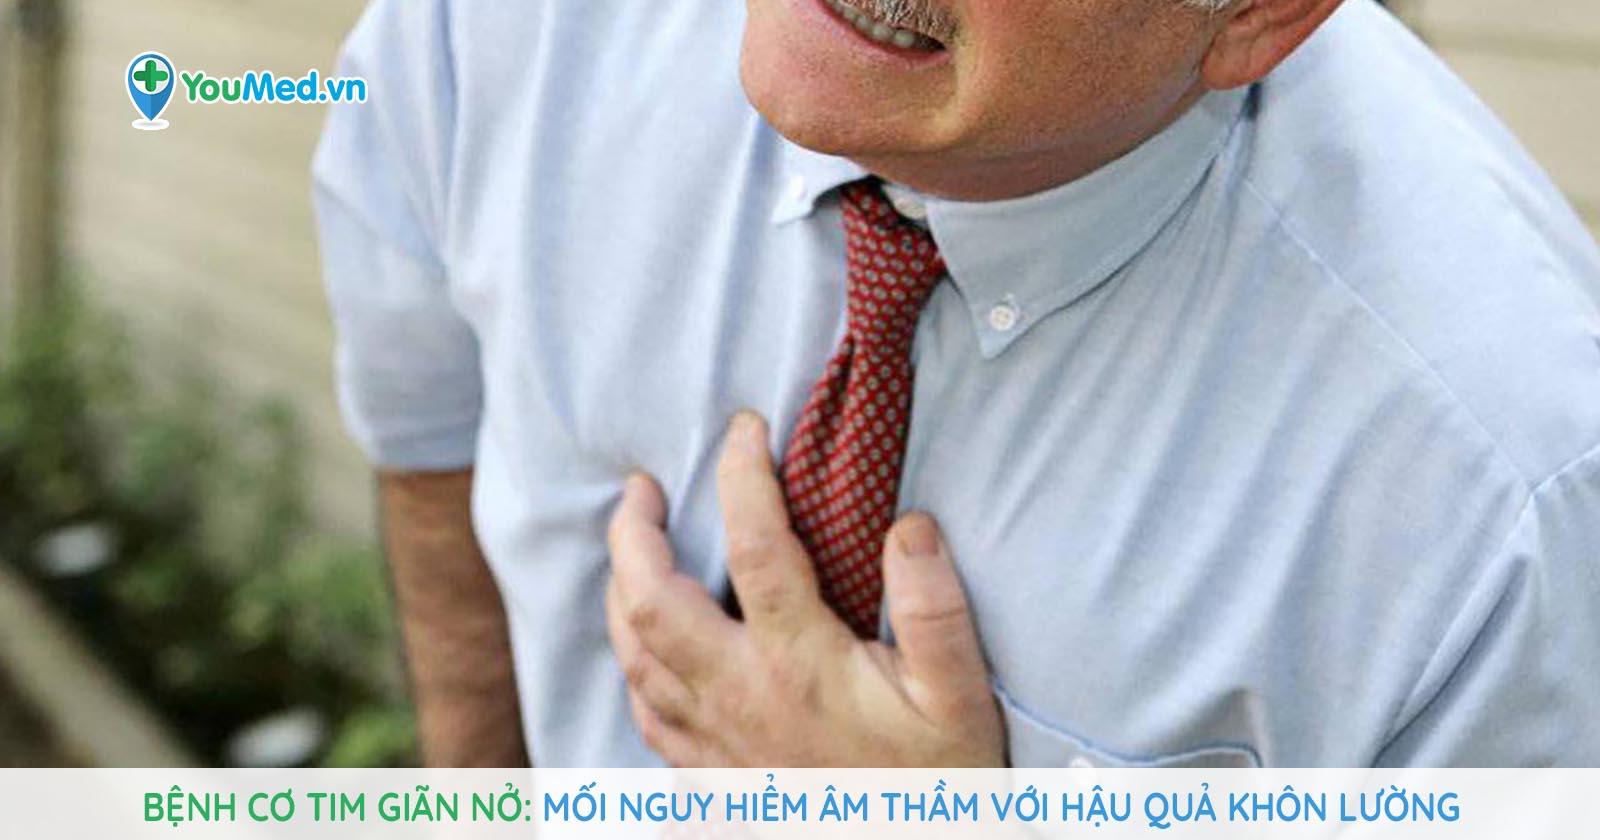 Bệnh cơ tim giãn nở: Mối nguy hiểm âm thầm với hậu quả khôn lường!